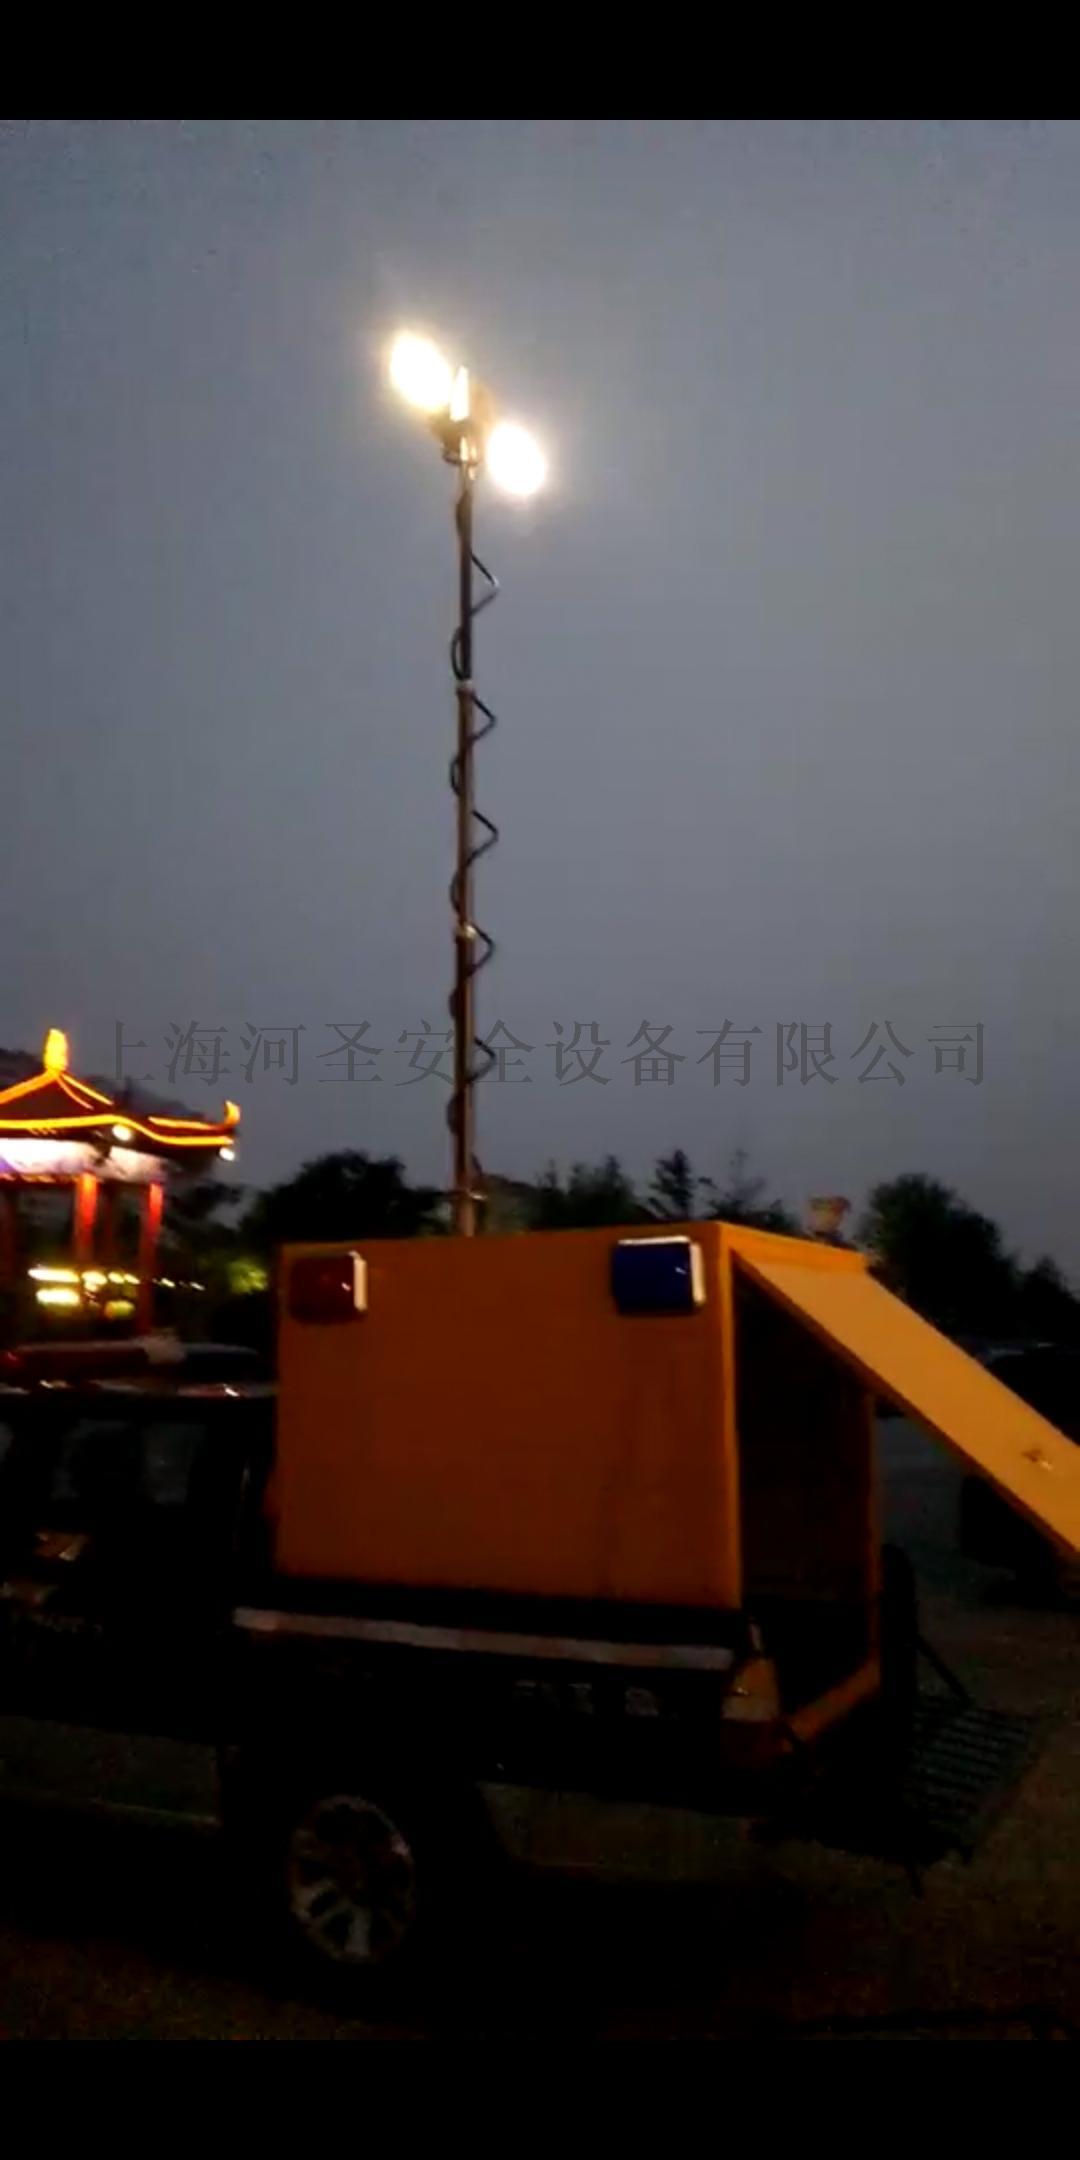 大功率升降照明灯 车载升降照明灯86543542